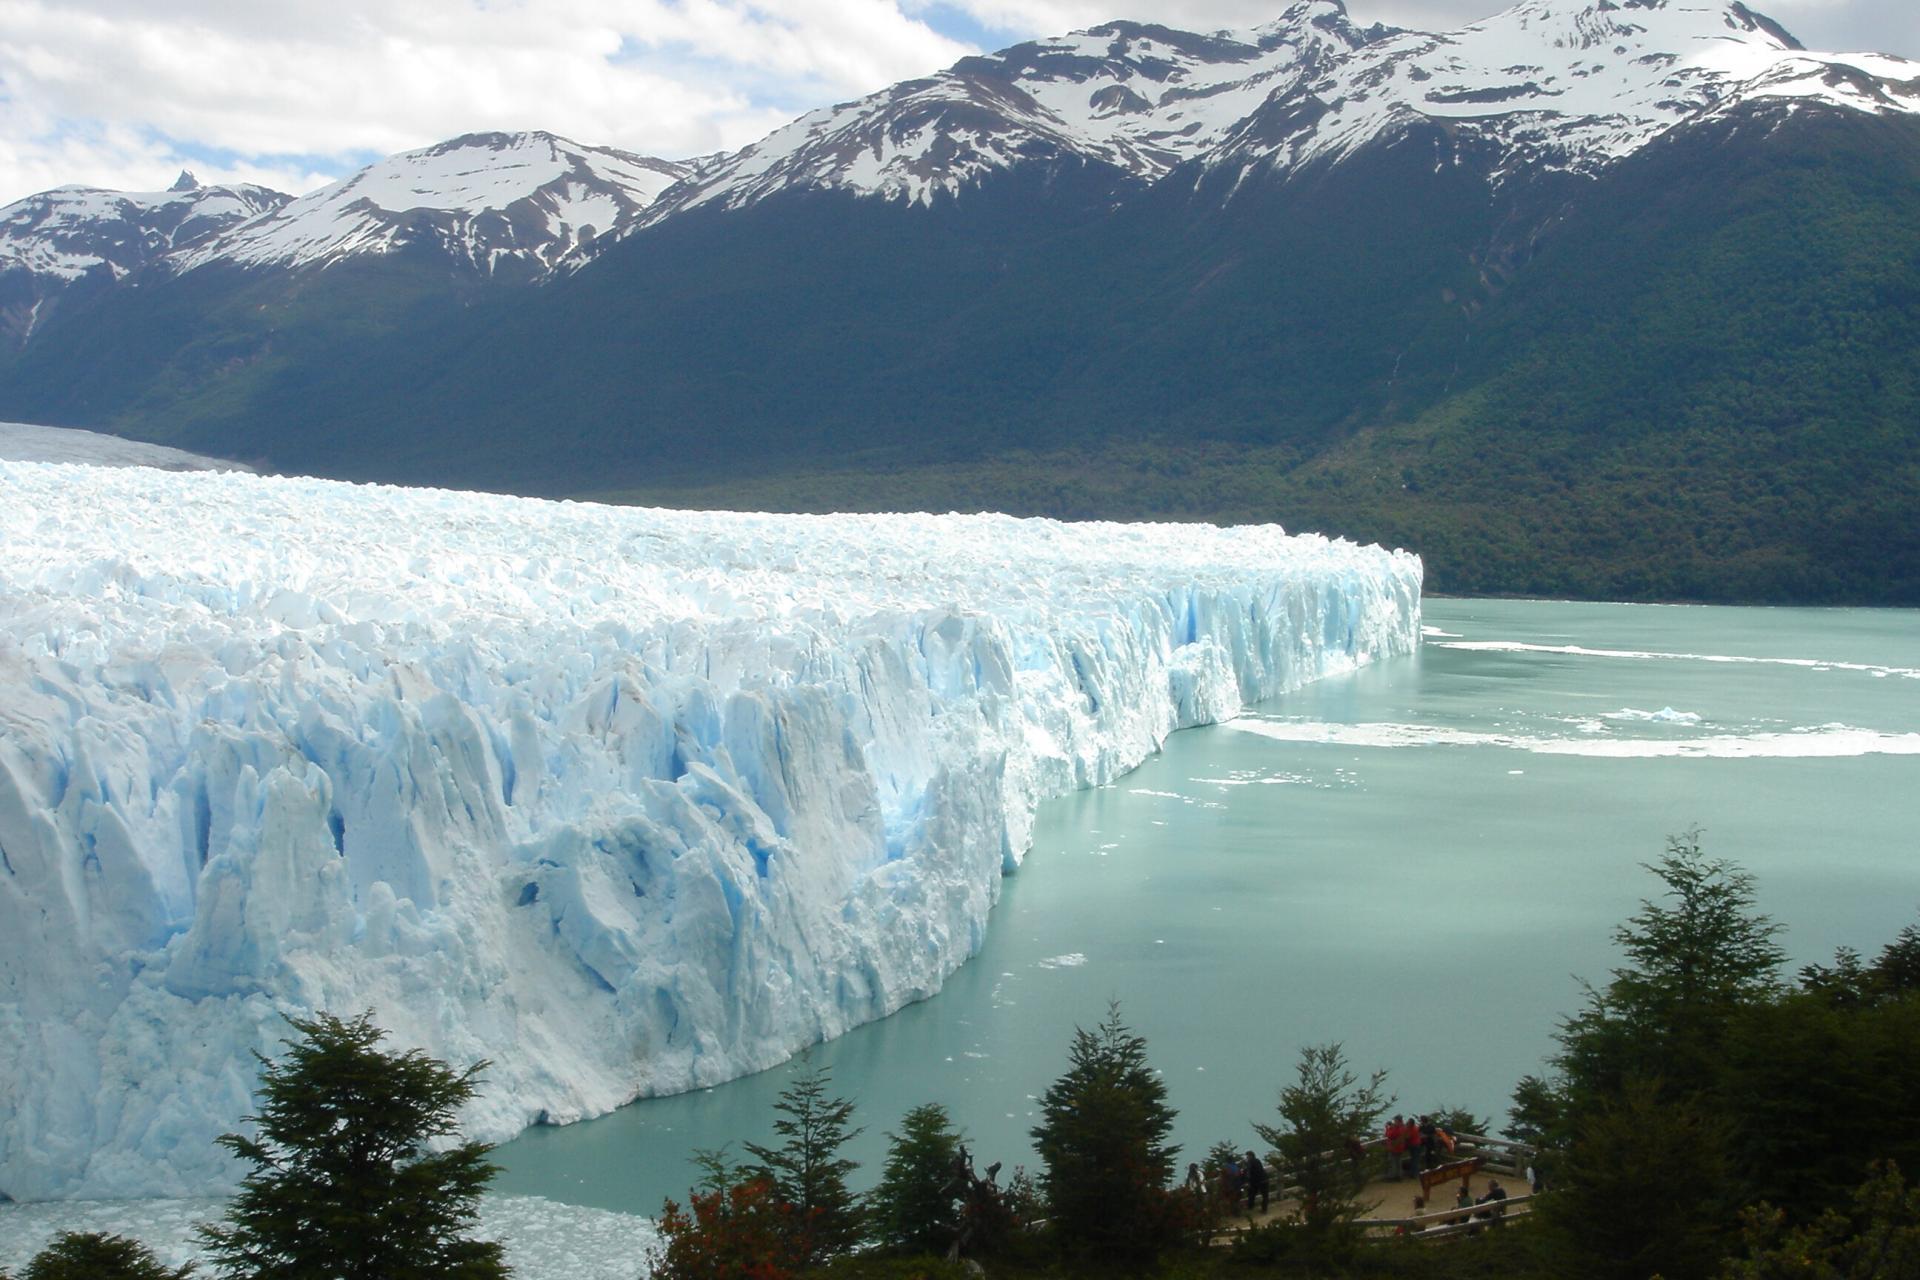 Entdecken Sie den unglaublichen Perito Moreno Gletscher in Patagonien